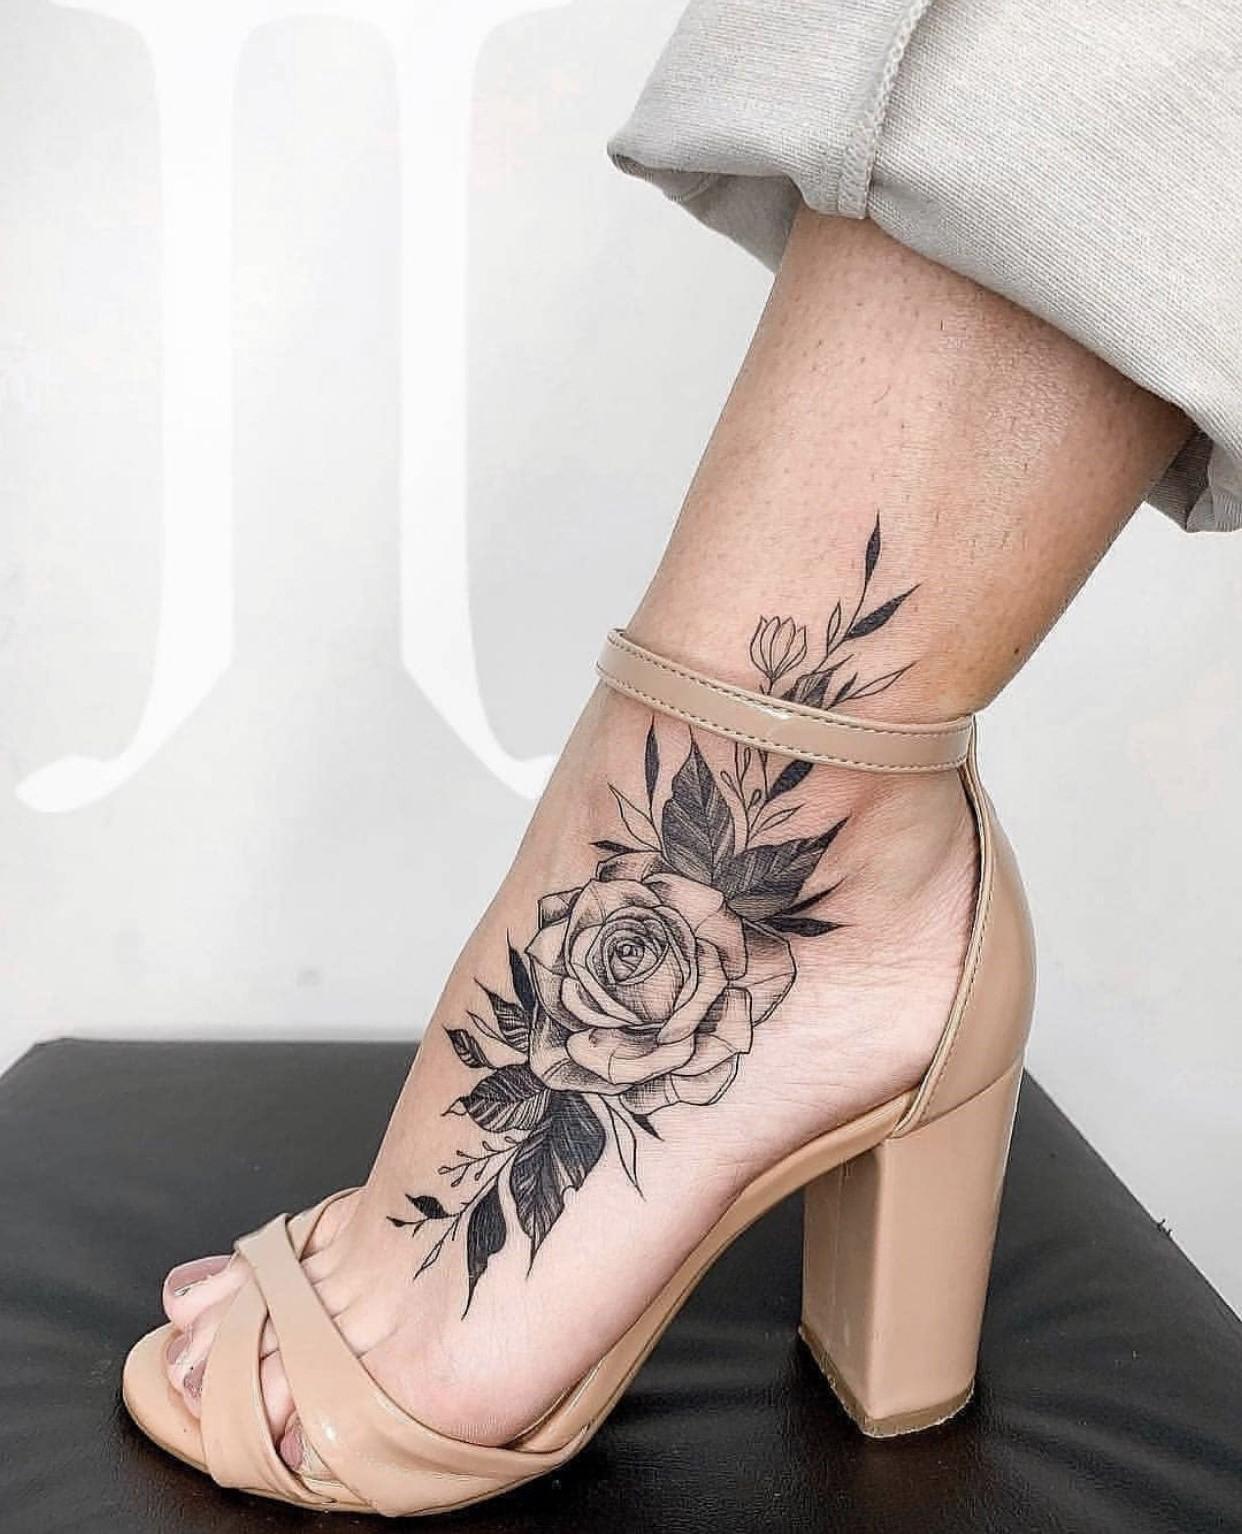 Rose élégante sur le pied et la cheville.